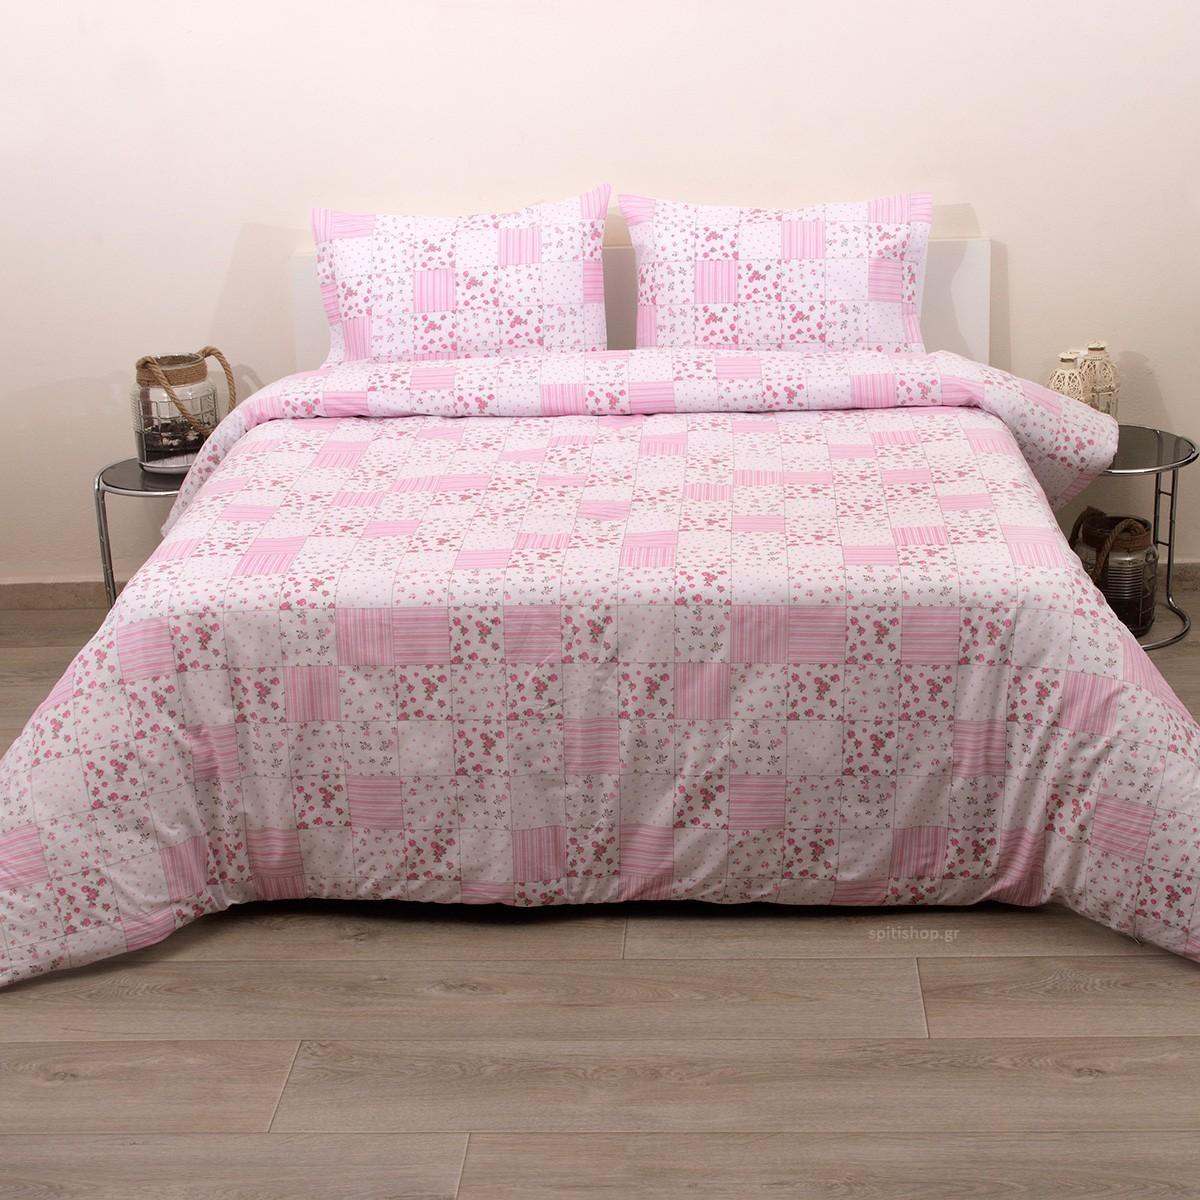 Κουβερλί Ημίδιπλο (Σετ) Viopros Fresh Ρόουζ home   κρεβατοκάμαρα   κουβερλί   κουβερλί ημίδιπλα   διπλά